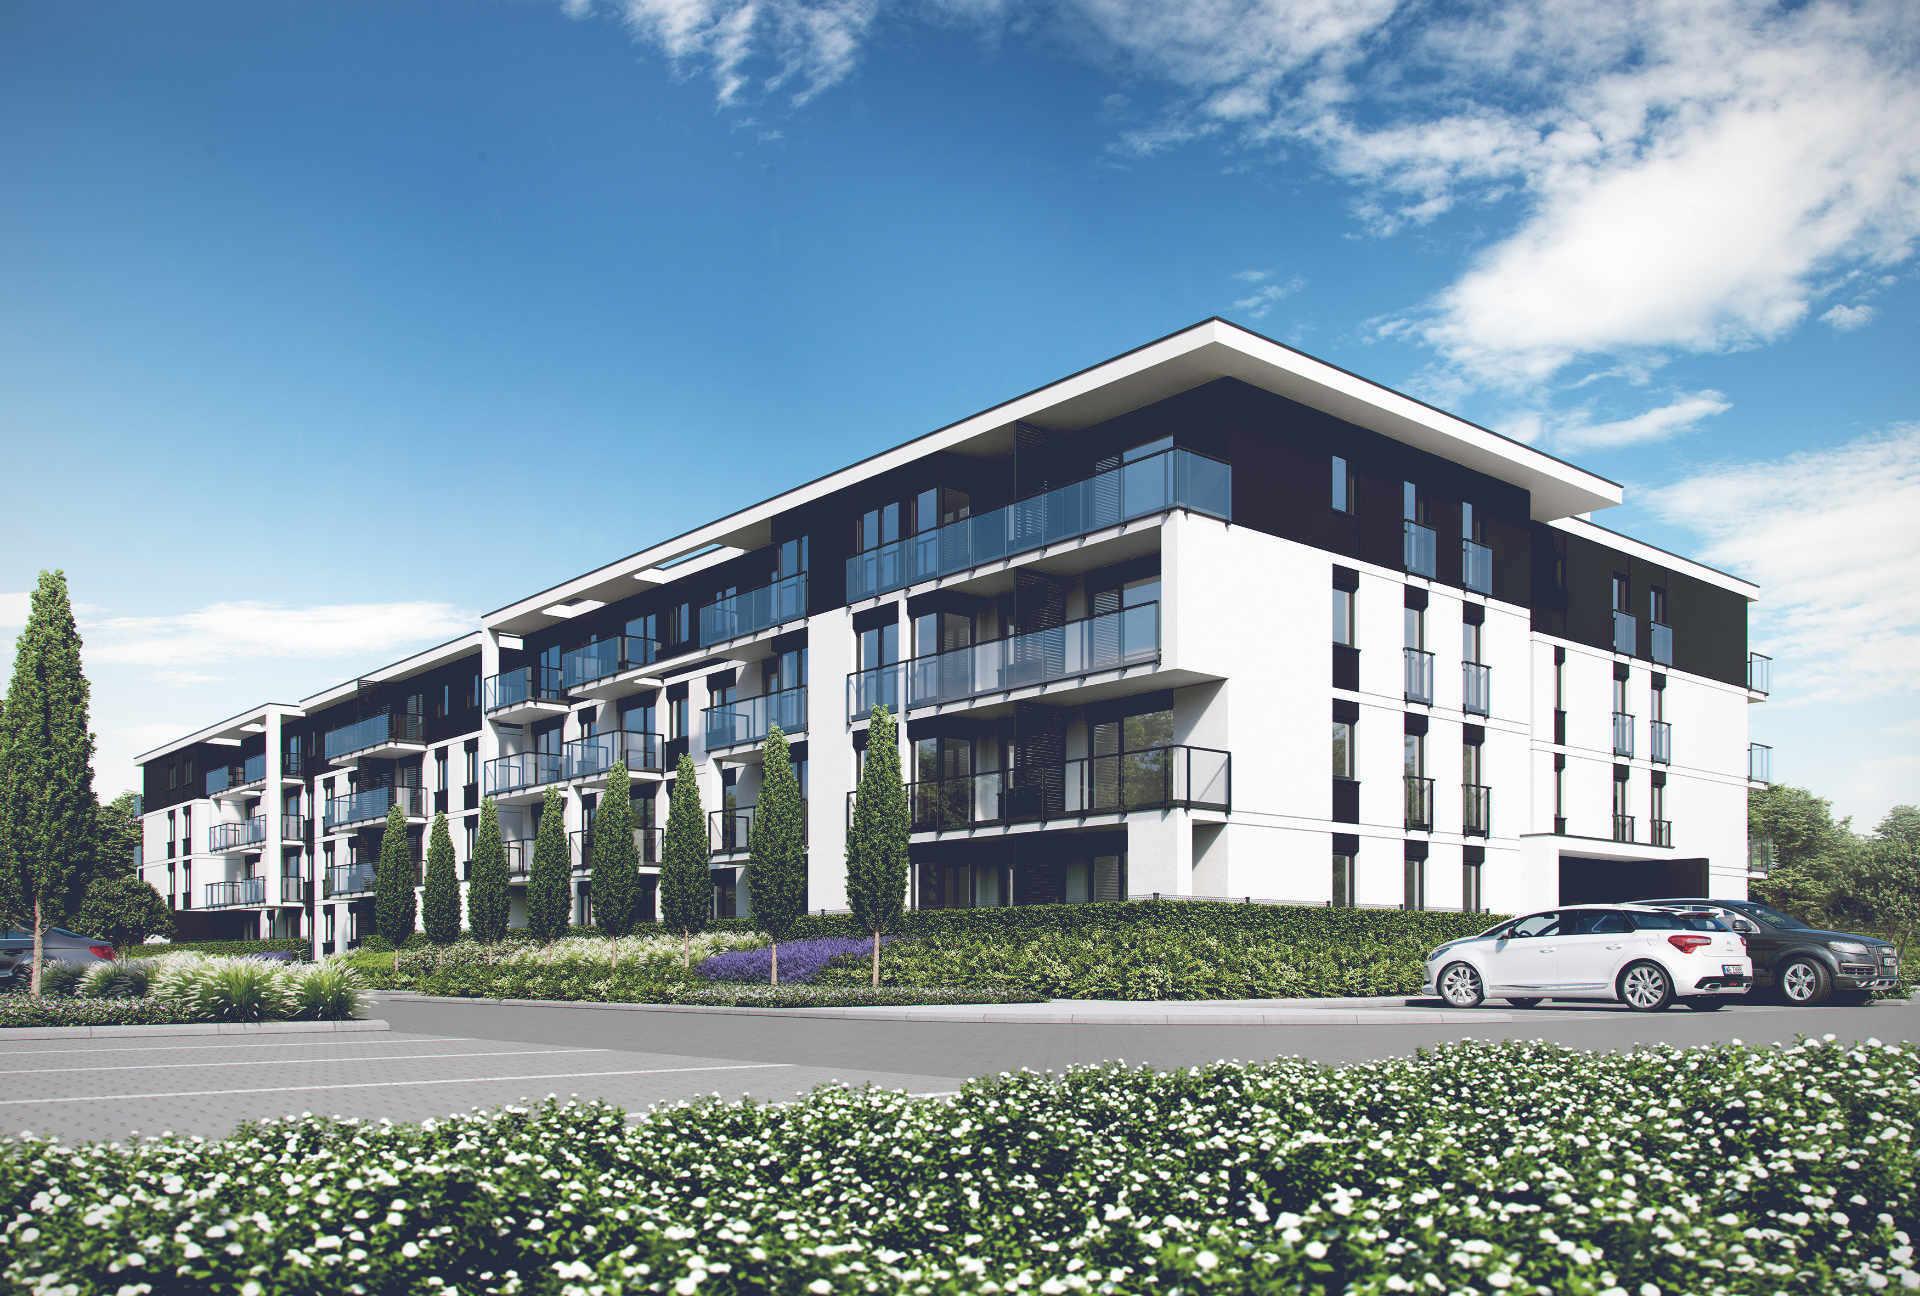 Szaro-biała elewacja budynku szeregowego Home Premium z pochyłym dachem i ogrodem, przy ul. Prostej o zmierzchu.